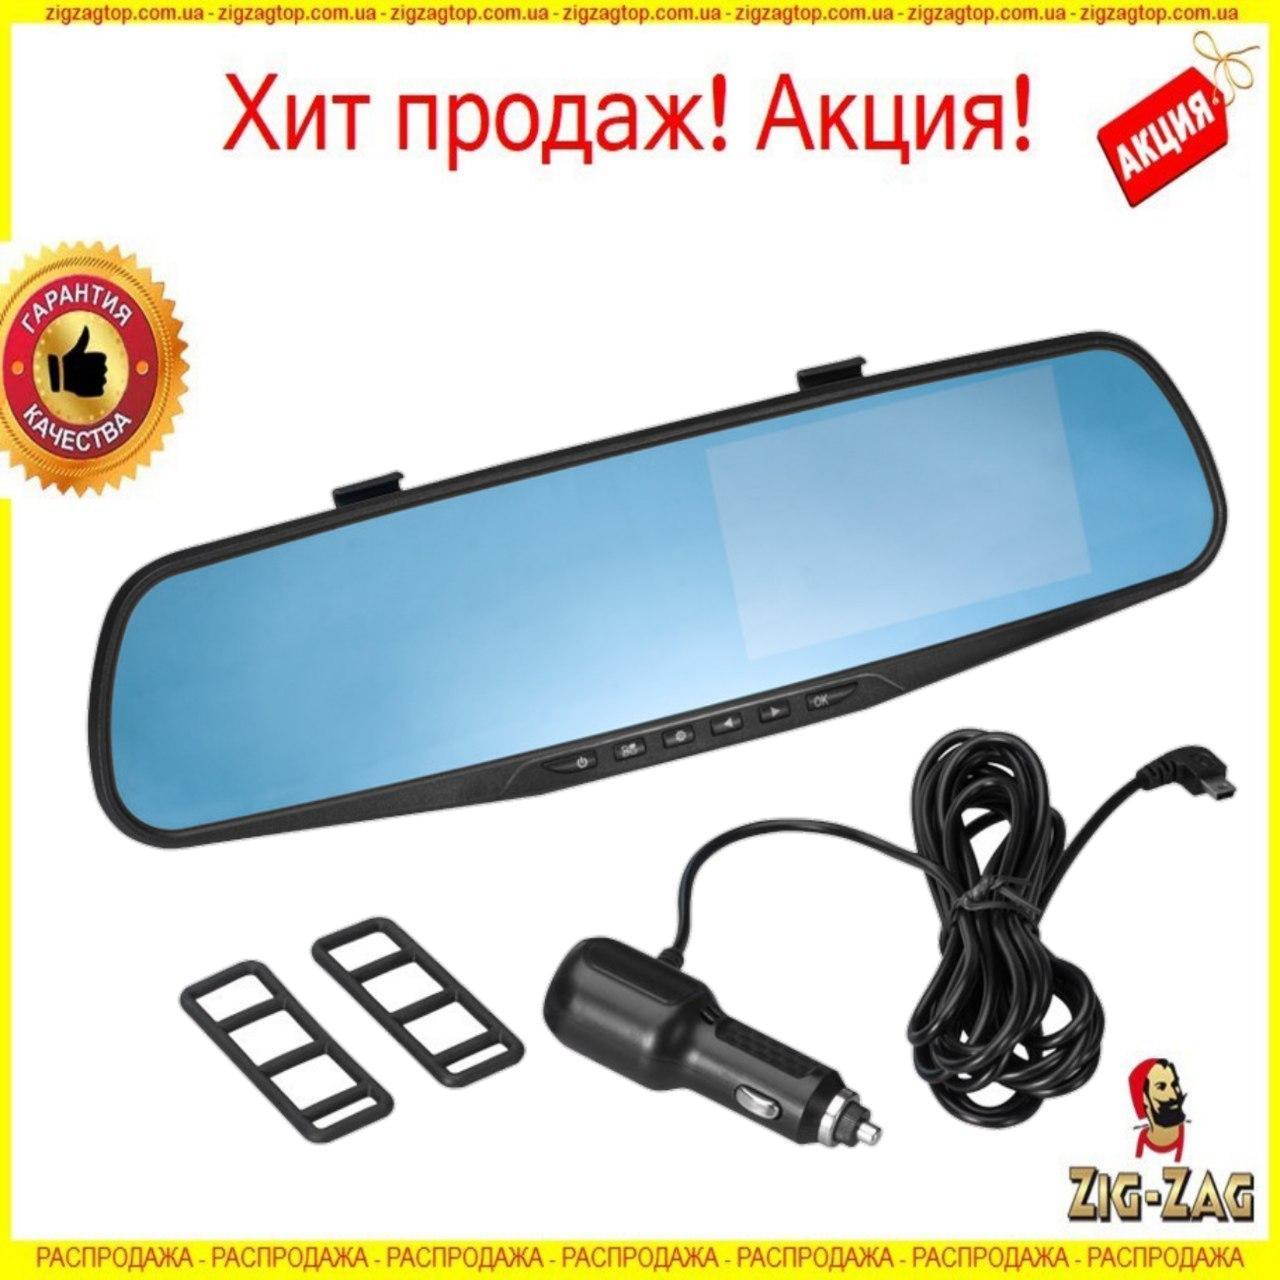 Автомобільне Дзеркало Відеореєстратор для авто Відеореєстратор DVR L6000 1080р Кут 170° Реєстратор NEW!